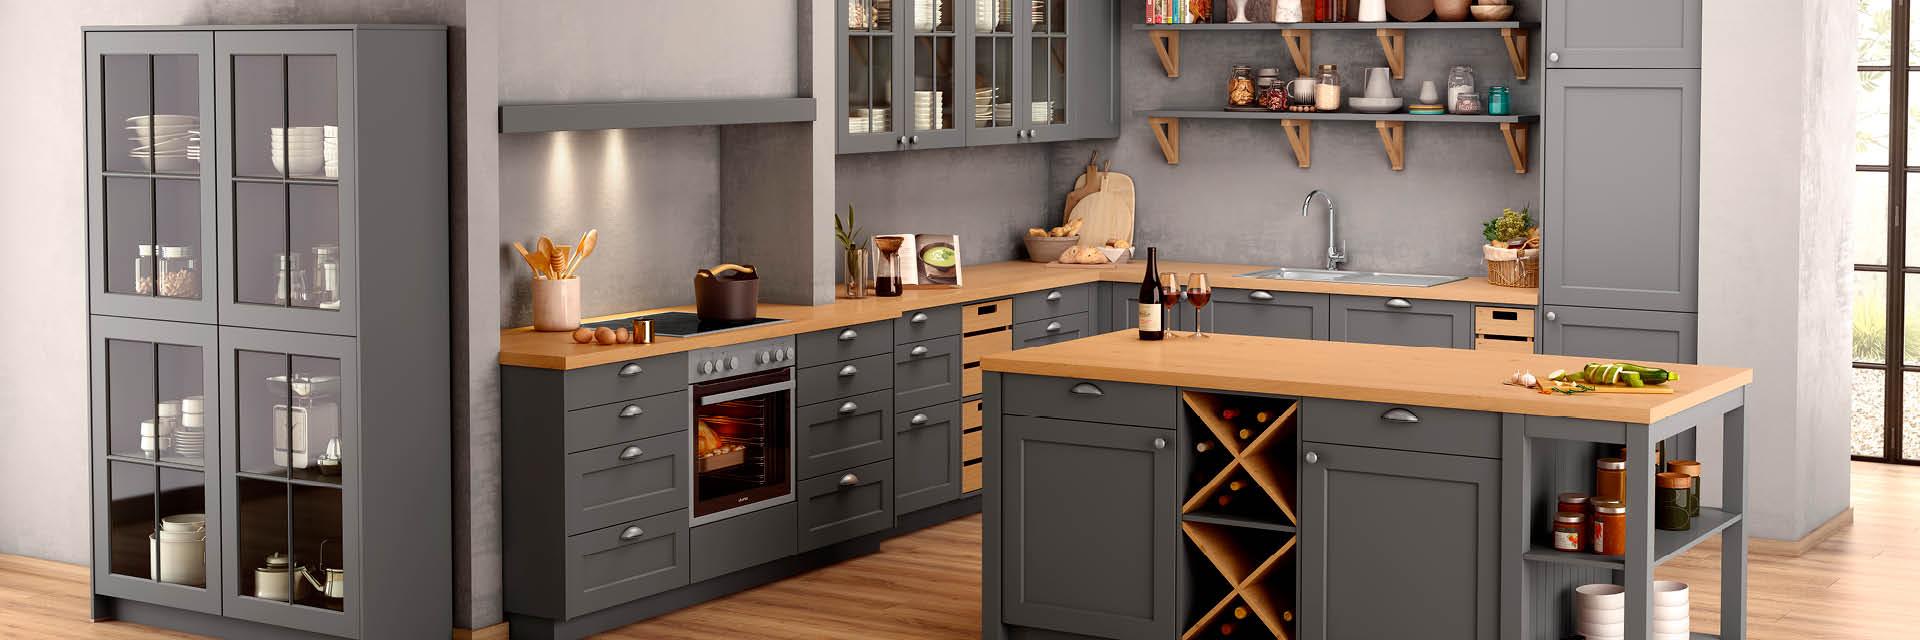 Full Size of Küchen Rustikal Landhauskchen Esstisch Regal Rustikaler Holz Küche Rustikales Bett Wohnzimmer Küchen Rustikal